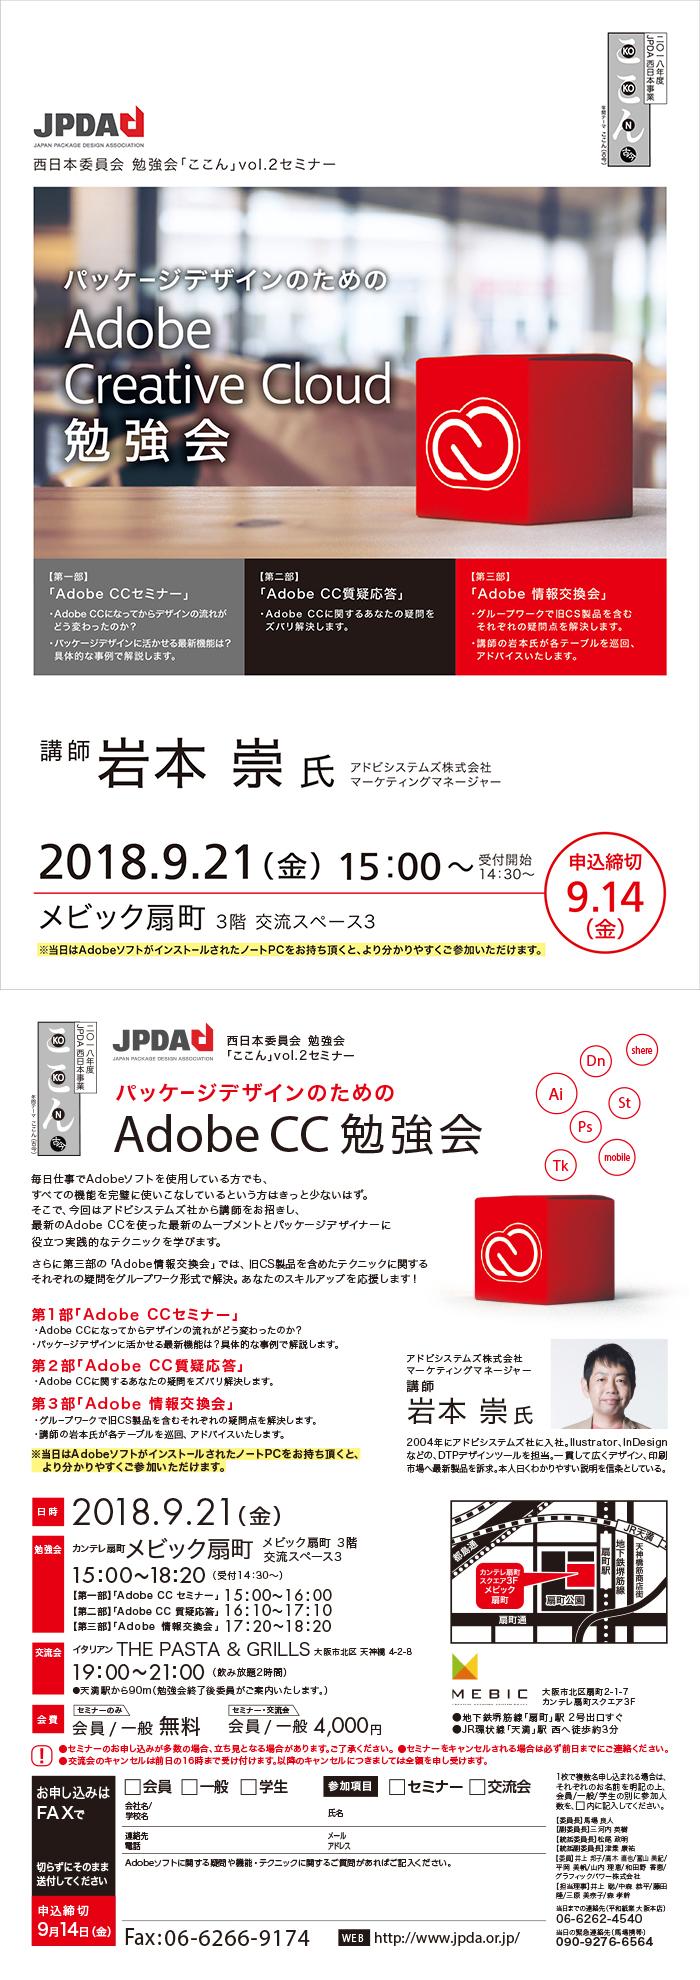 パッケージデザインのためのAdobe CCセミナー